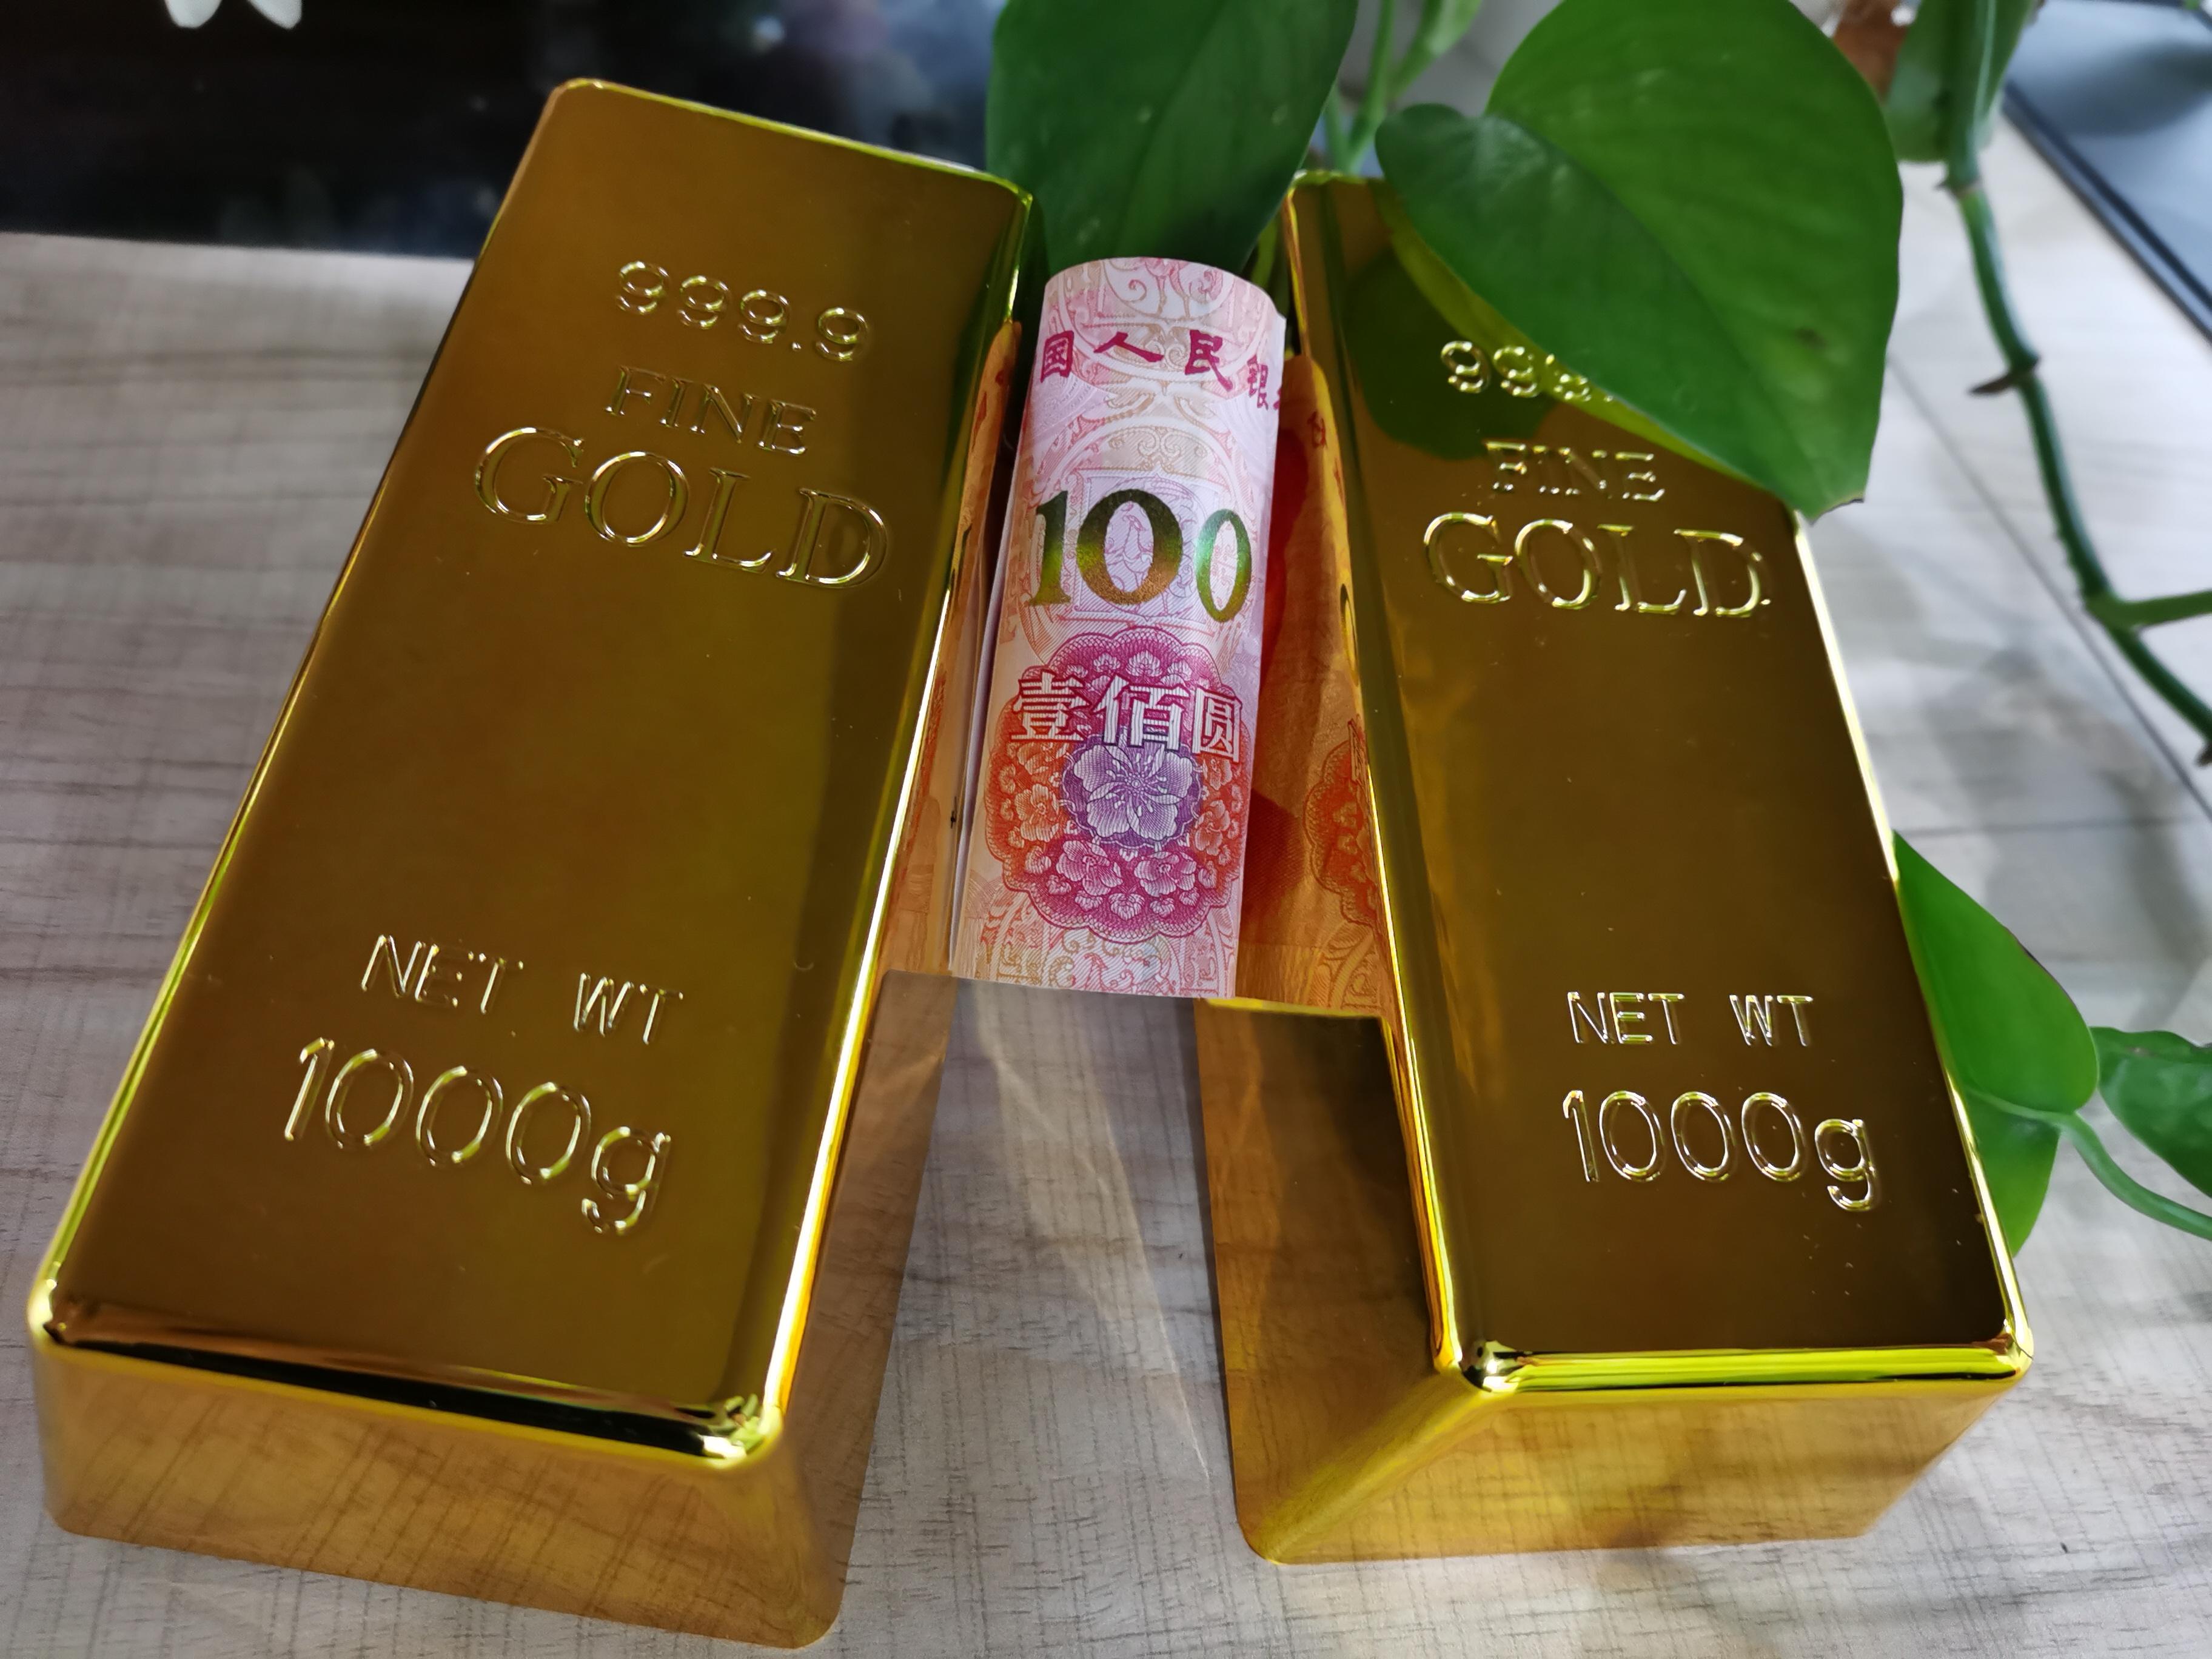 金价大涨投资者趁机出货 黄金回购业务显著升温